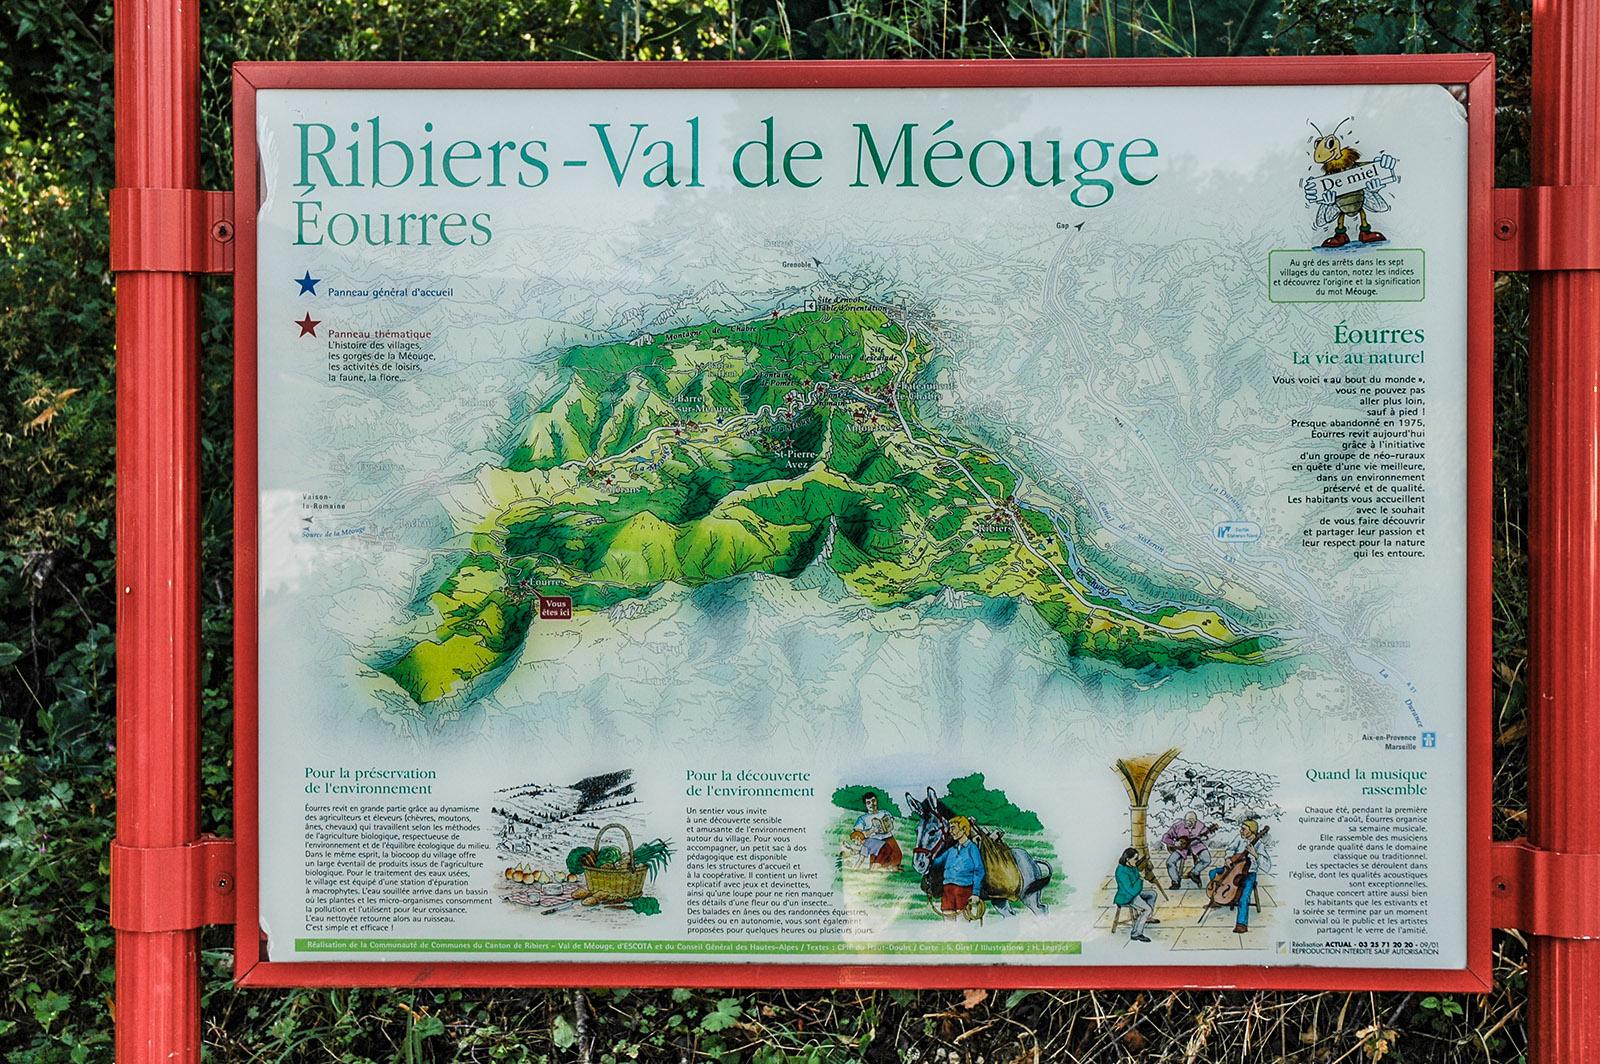 Ribiers ist das südlichste Dorf der Hautes-Alpes. Die Méouge entspringt in der Drôme, Bei Chateauneuf-de-Chabre hat sie auf fast sieben Kilometer Länge natürliche Schluchten gebildet. Foto: Anke Feja